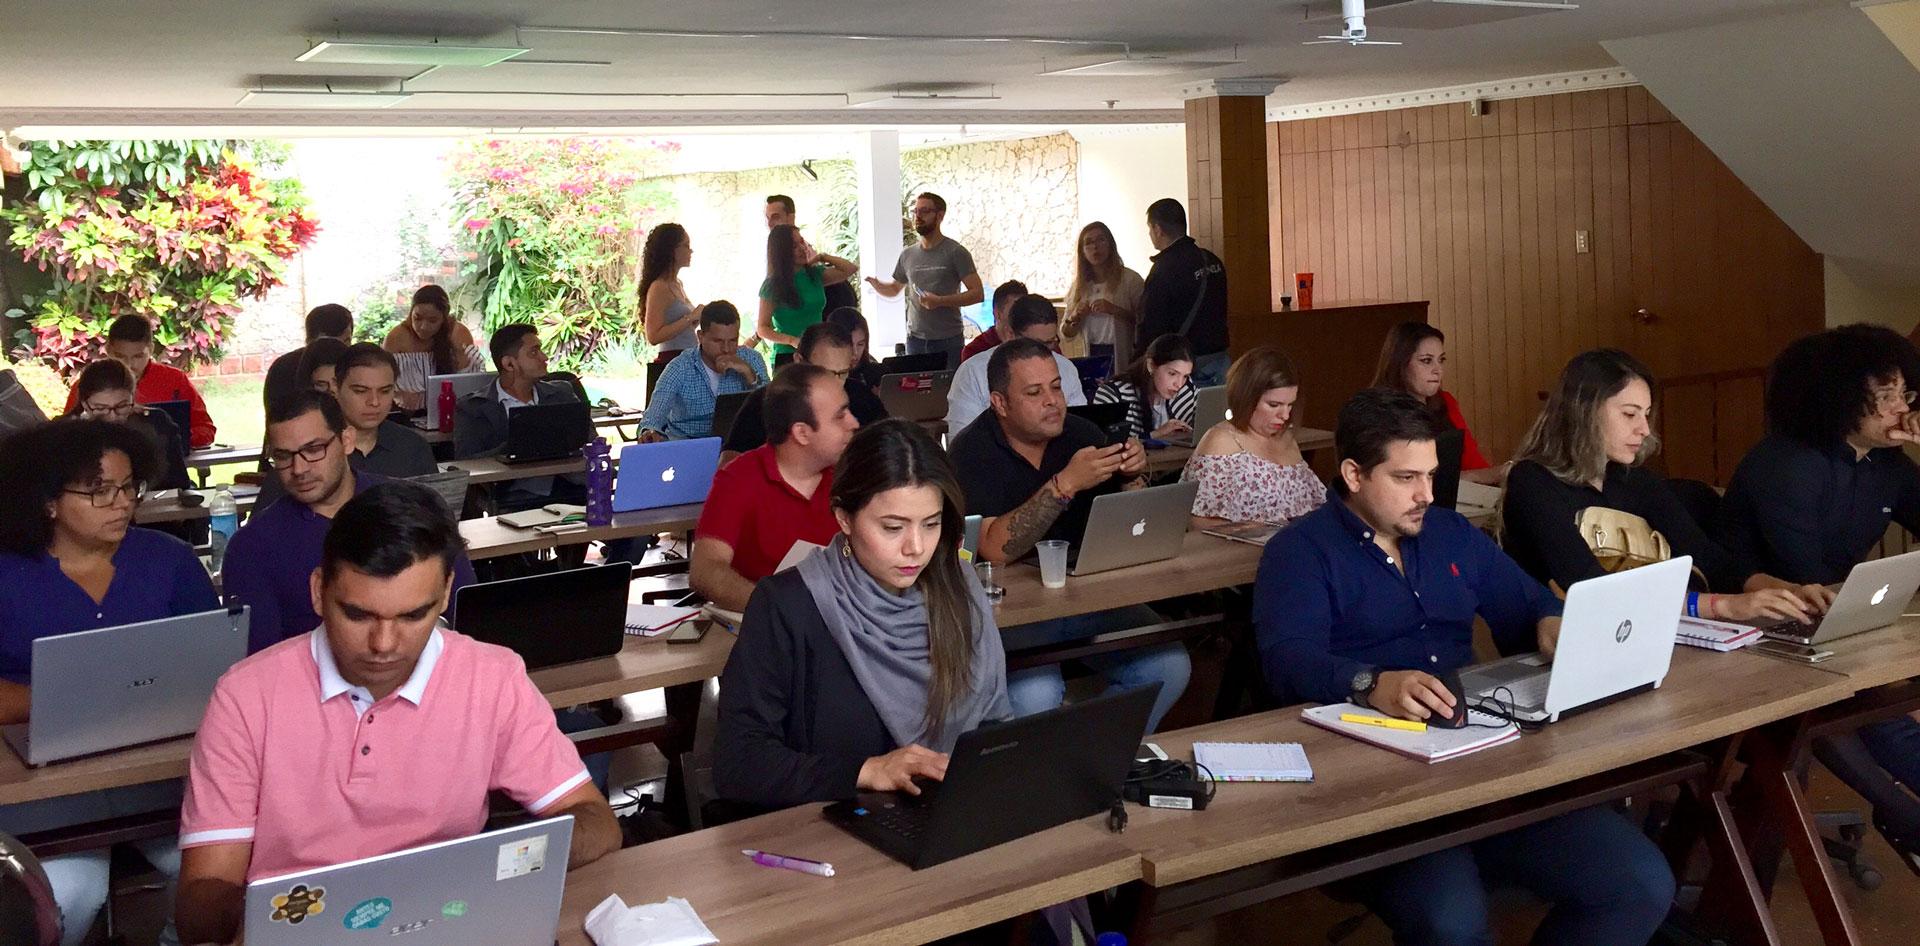 https://suricatalabs.com/wp-content/uploads/2018/05/Construcción-de-Modelos-de-Negocio-de-suricata-labs.jpg